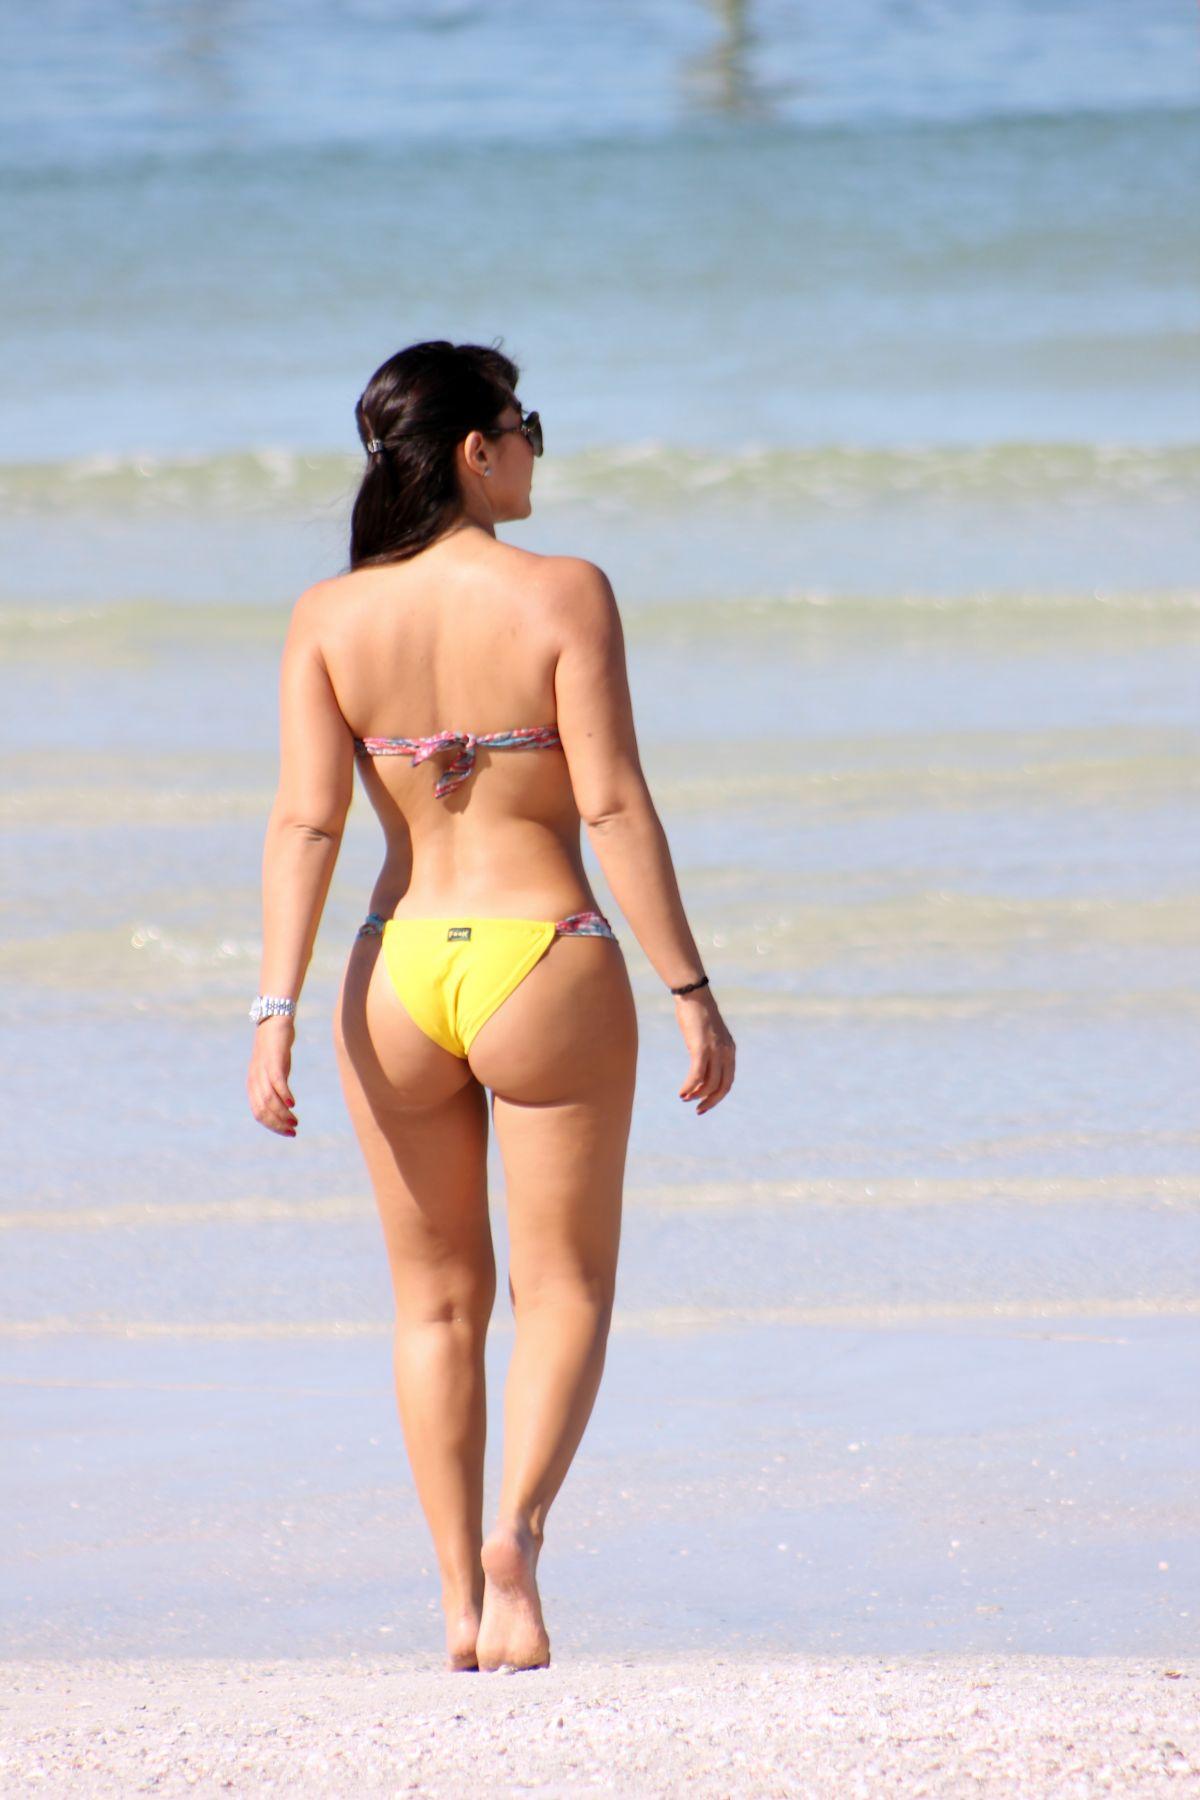 Andrea Calle in Bikini on the beach in Miami Pic 4 of 35